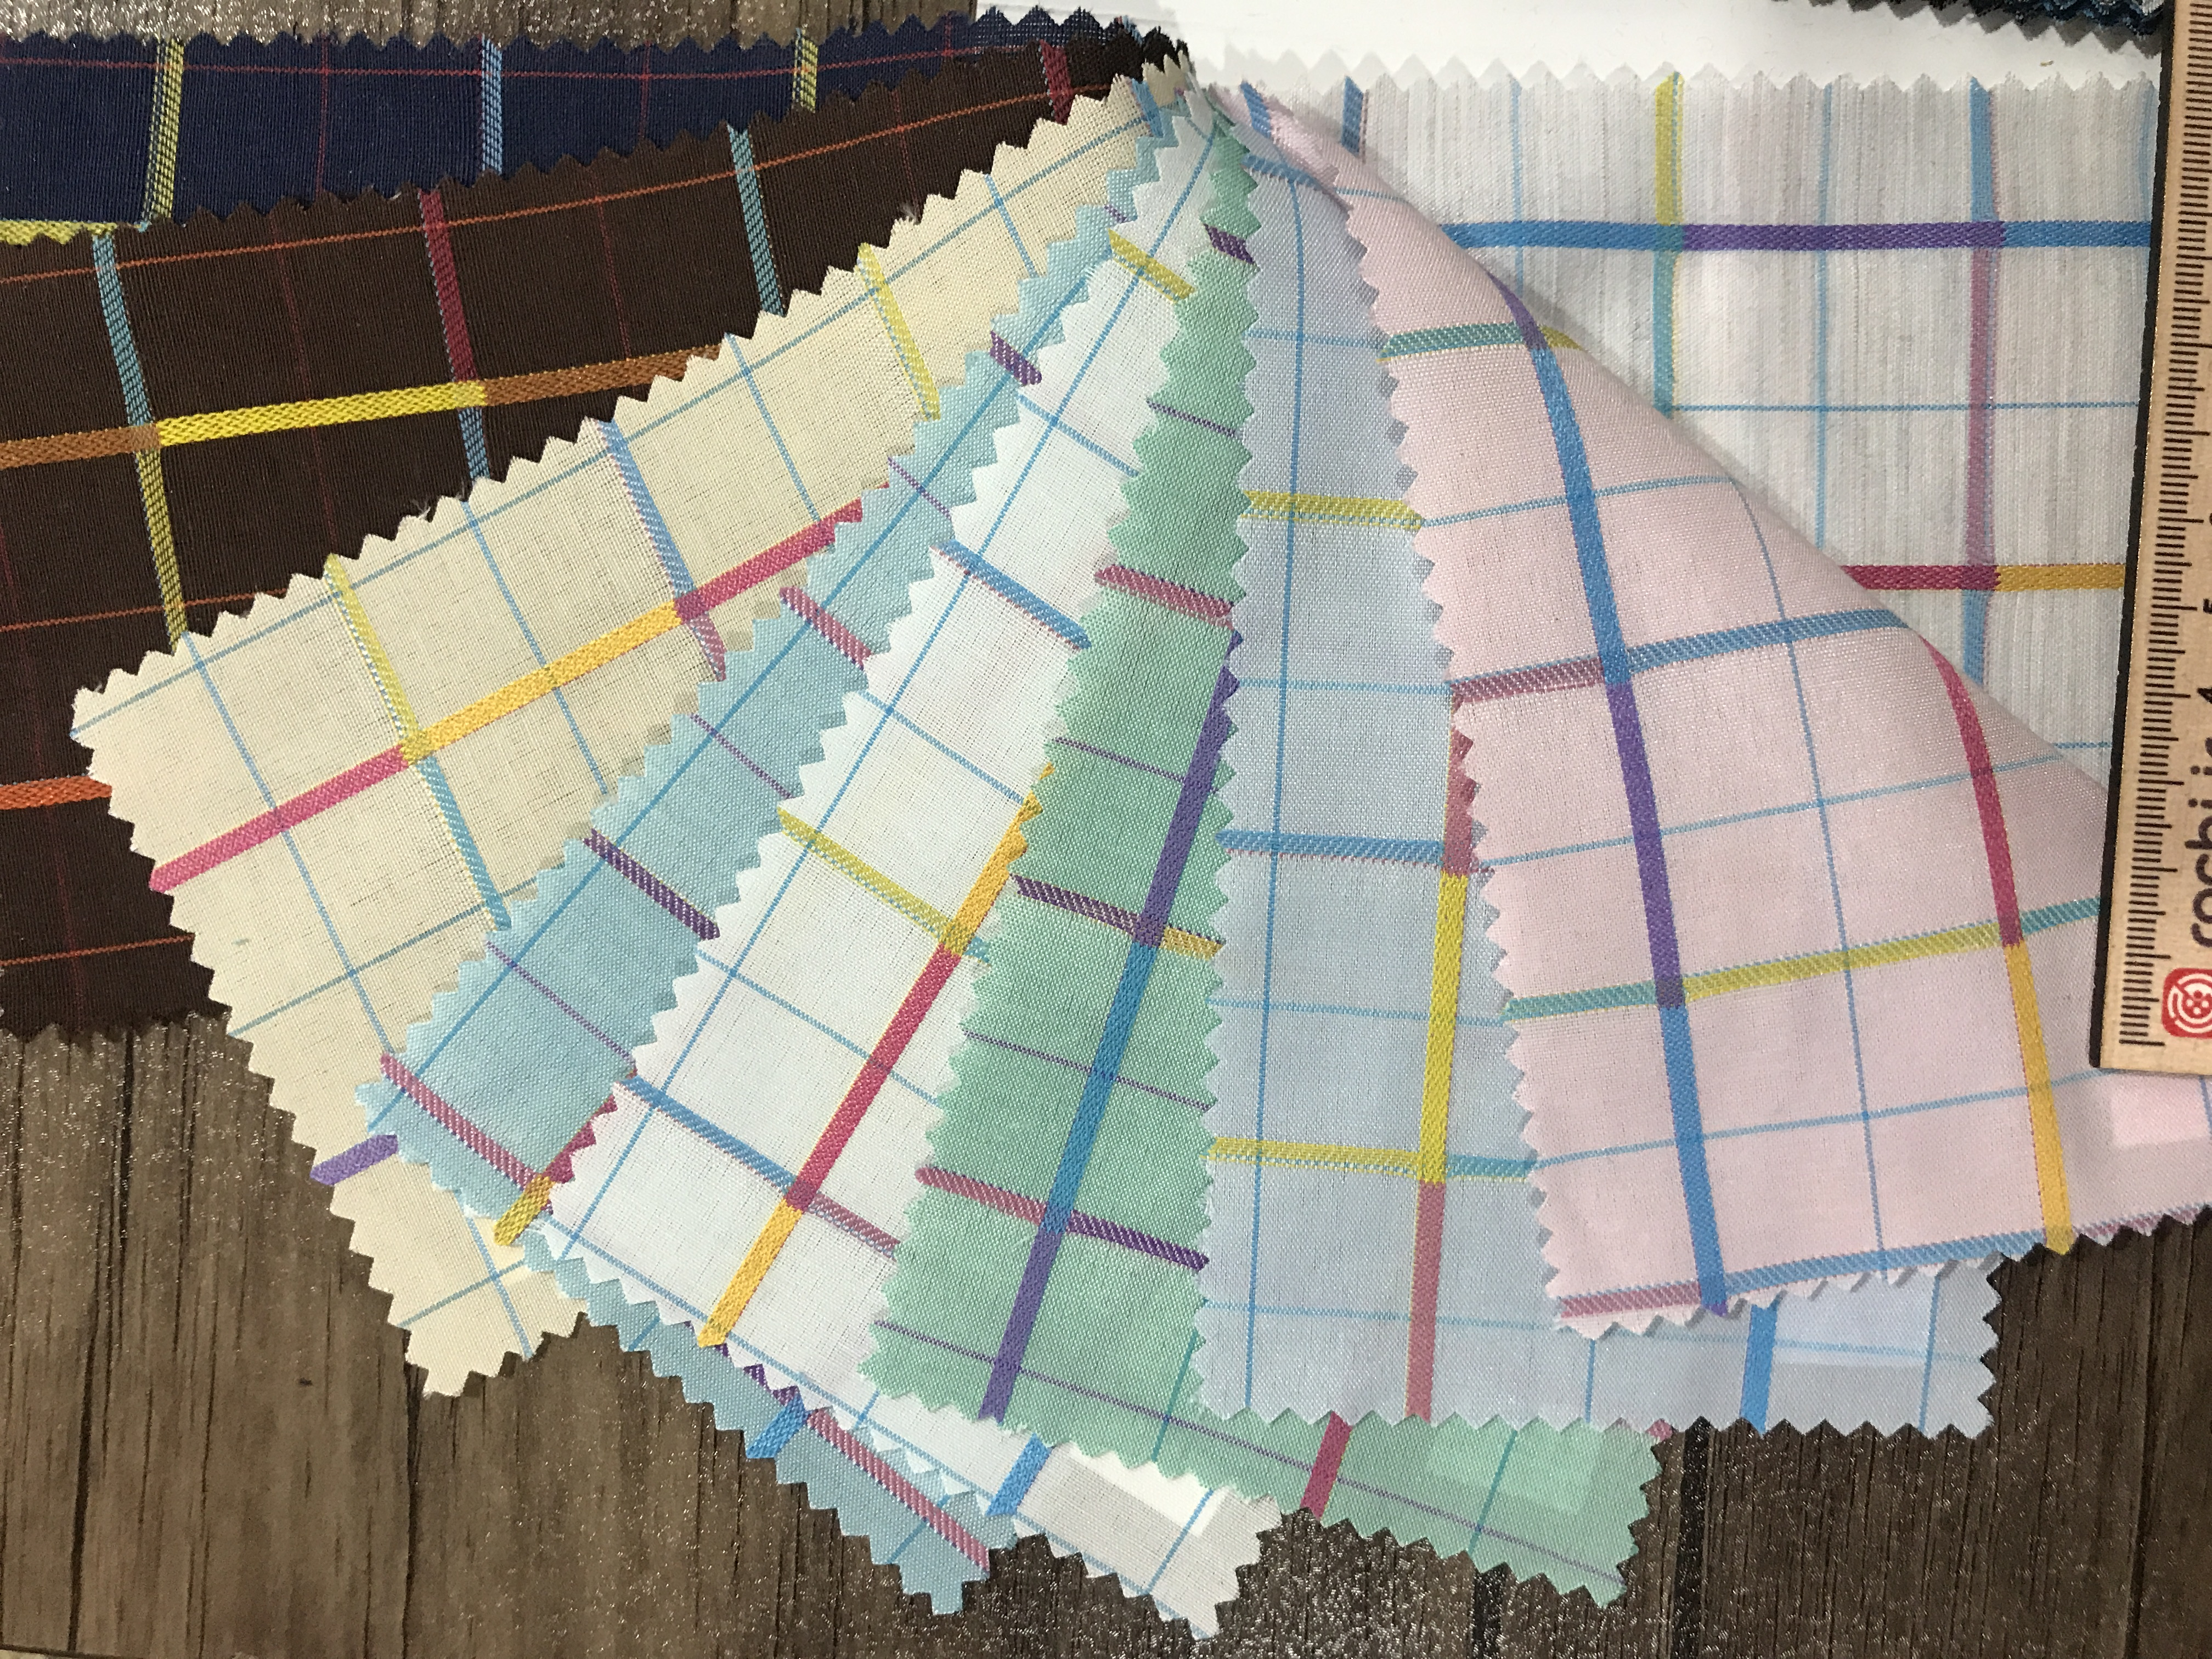 پارچه پیراهنی چهارخانه راه رنگی